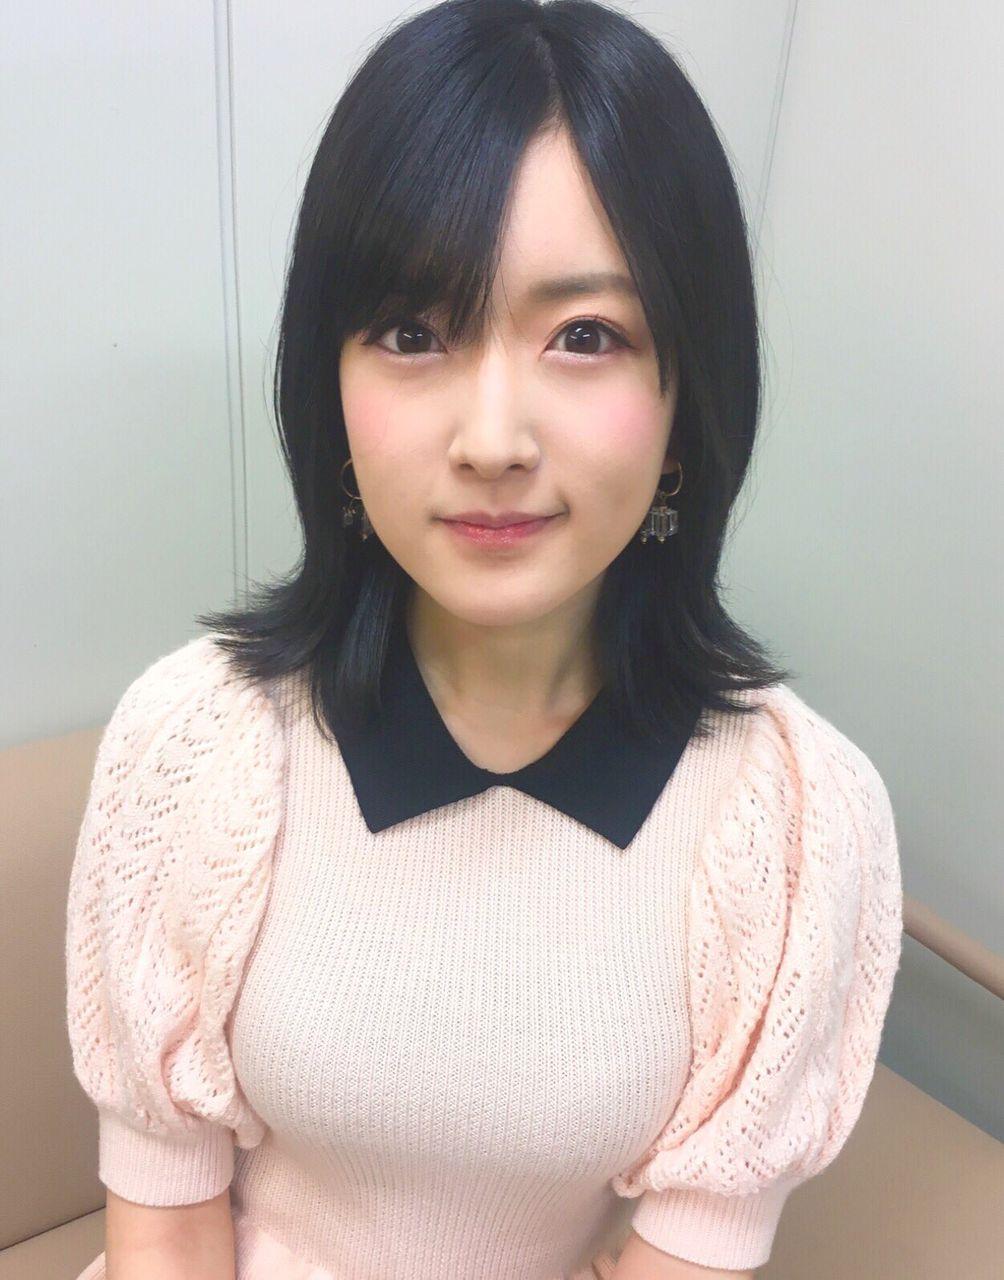 【画像】須藤凜々花さん、ホテルで下着姿www